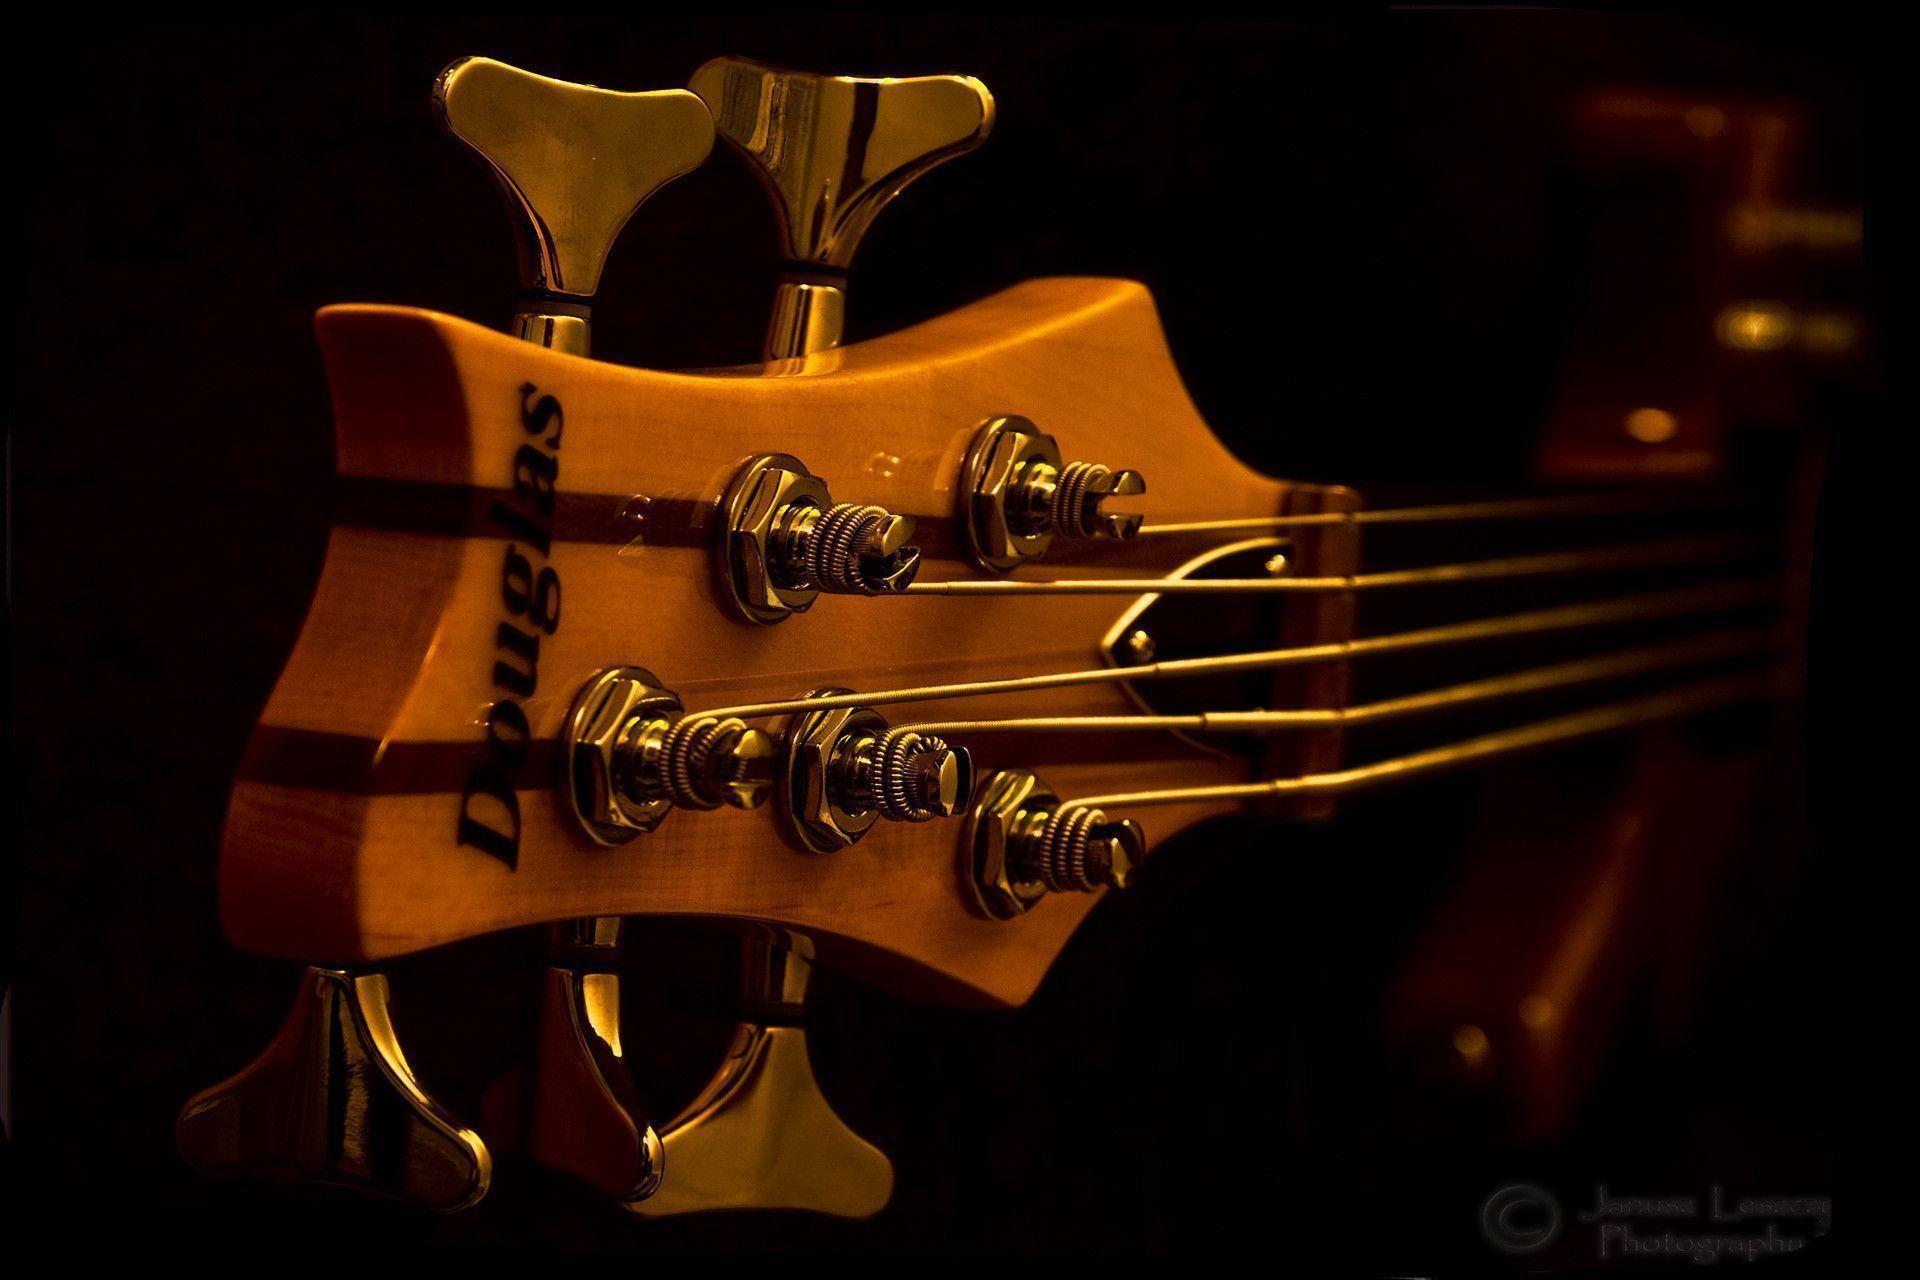 bass guitar wallpaper â hd wallpaper